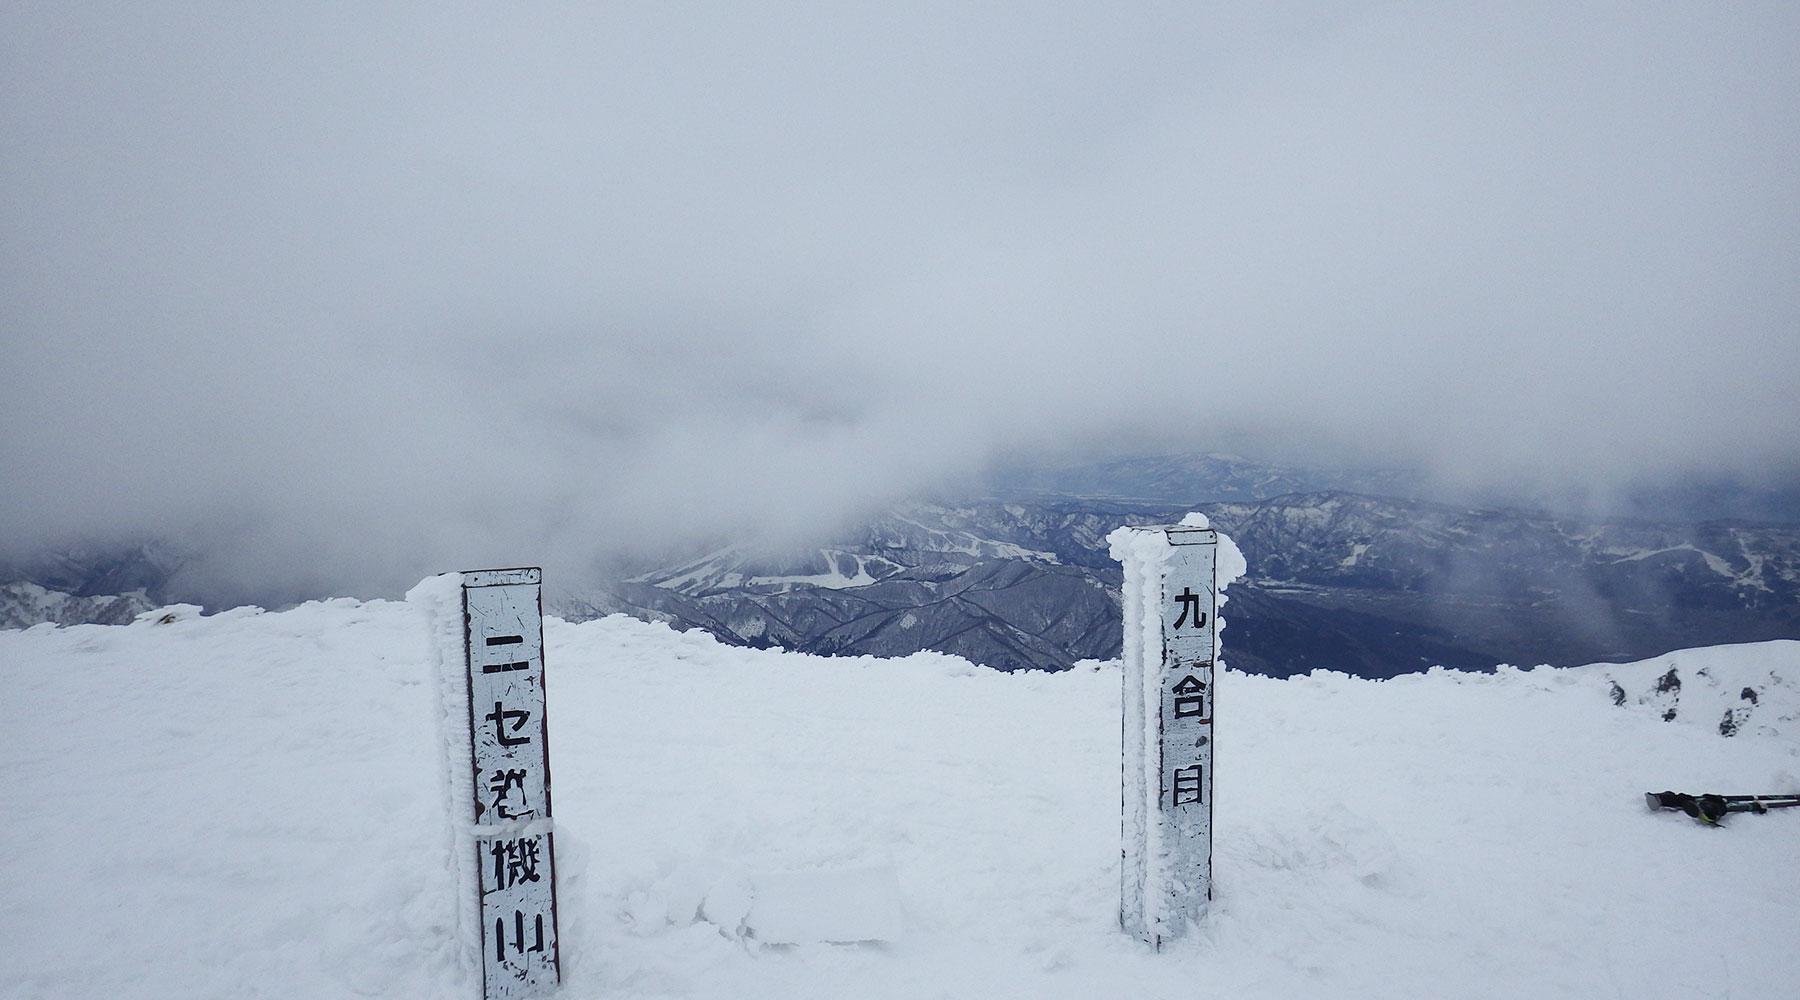 ニセ巻機山こと前巻機山山頂(1,861m)